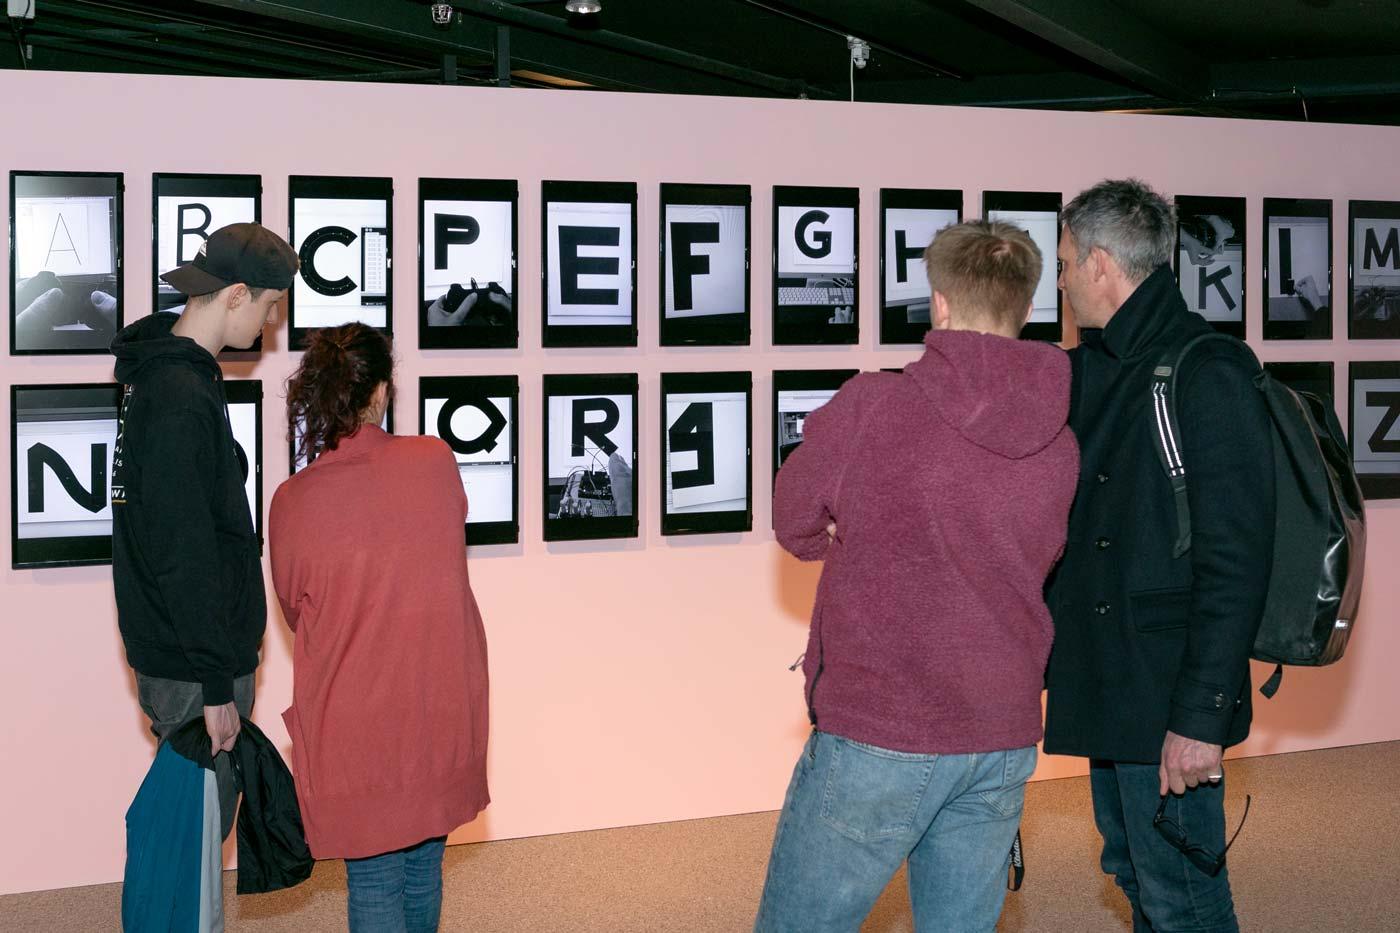 Atelier Pol, Schule für Gestaltung, Bern, exhibition, typography, juliane wolski, switzerland